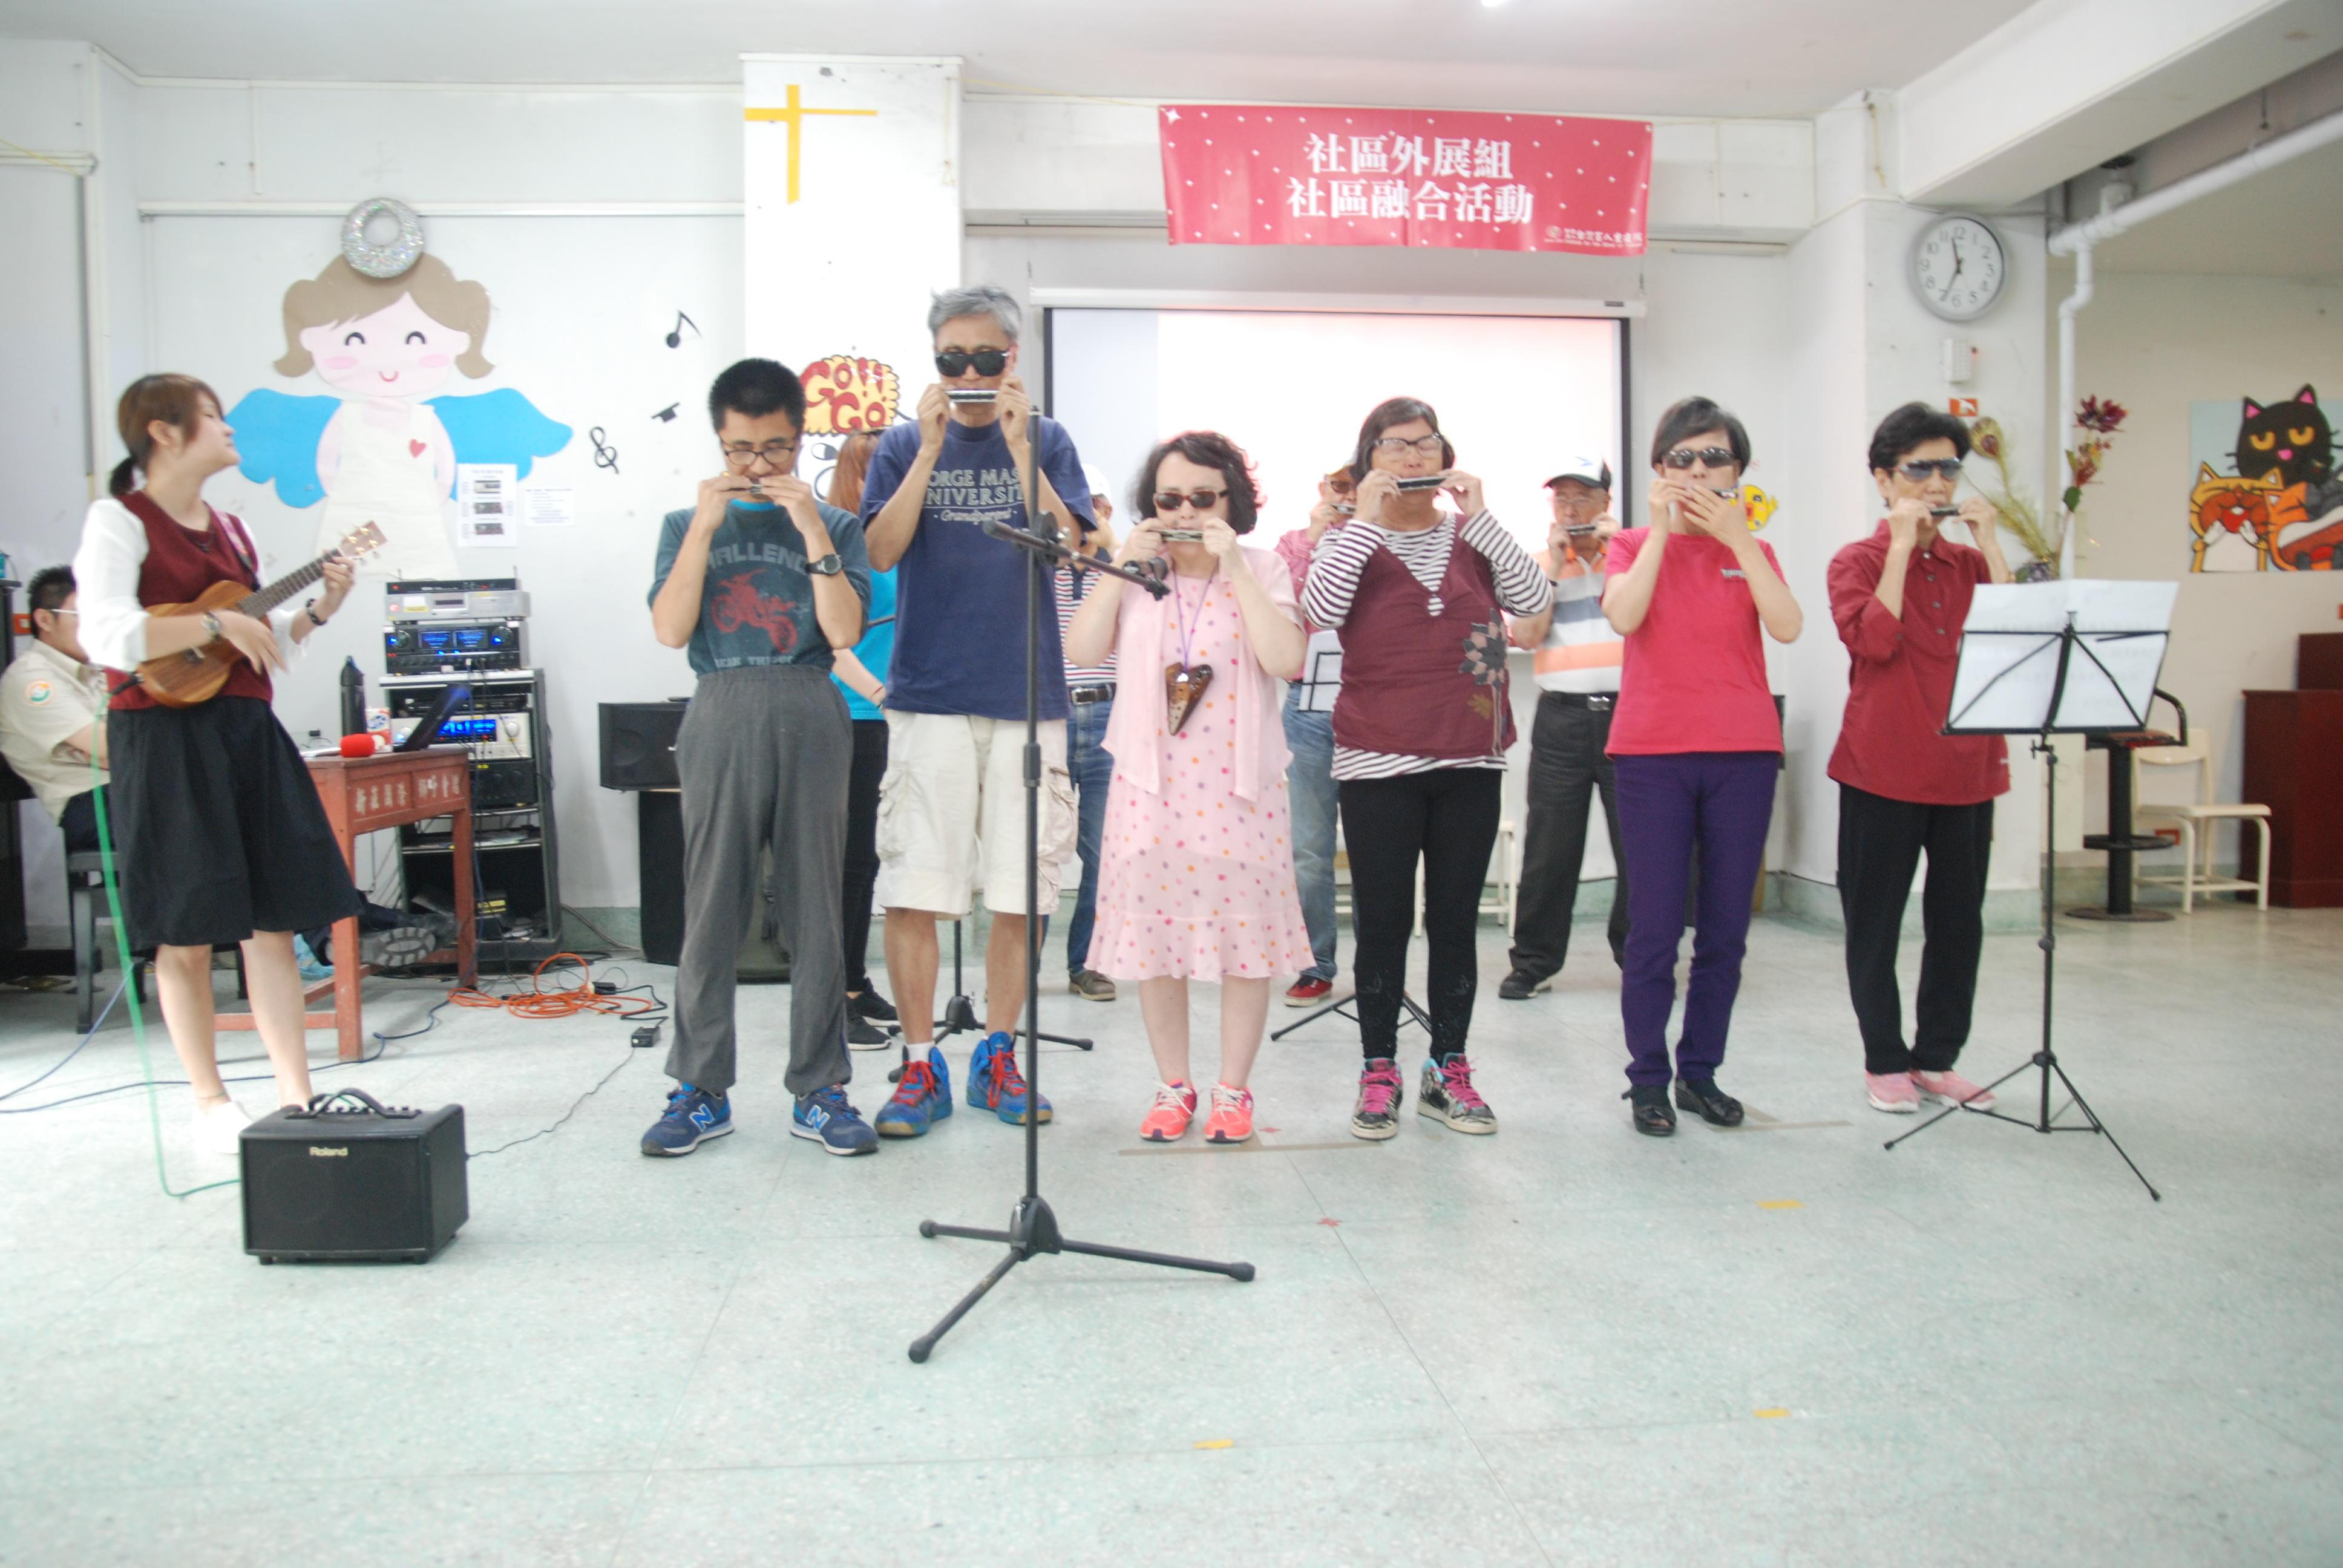 悠揚口琴班與老師一同合奏「茉莉花」與「歡樂年華」